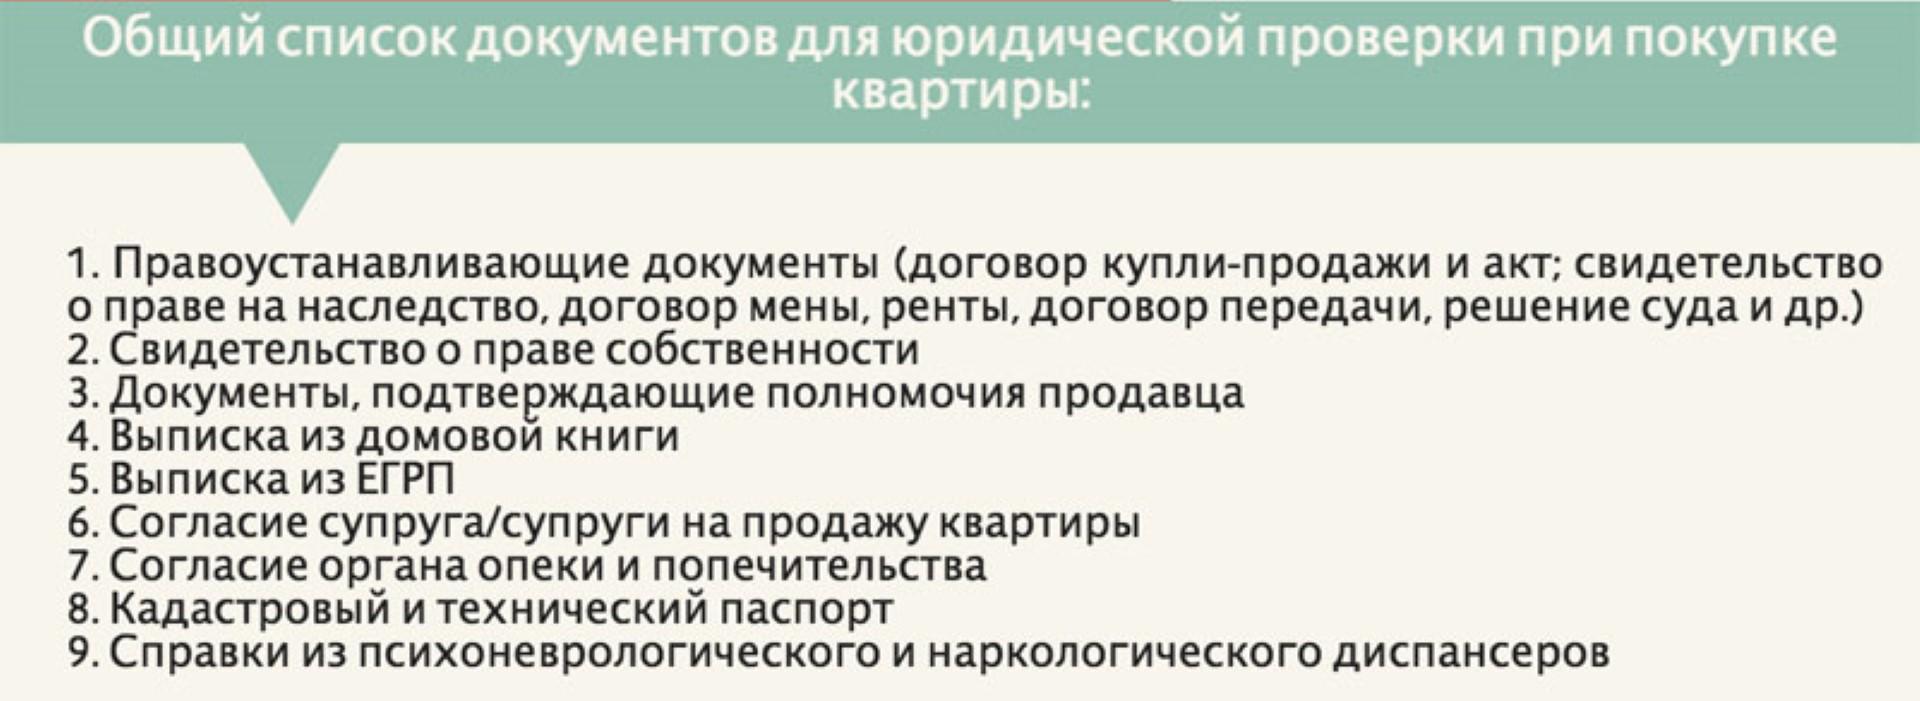 Изображение - Как сбербанк проверяет квартиру при оформлении ипотеки Dokumenty-dlya-proverkki-yuridicheskoj-chastoty-kvartiry.